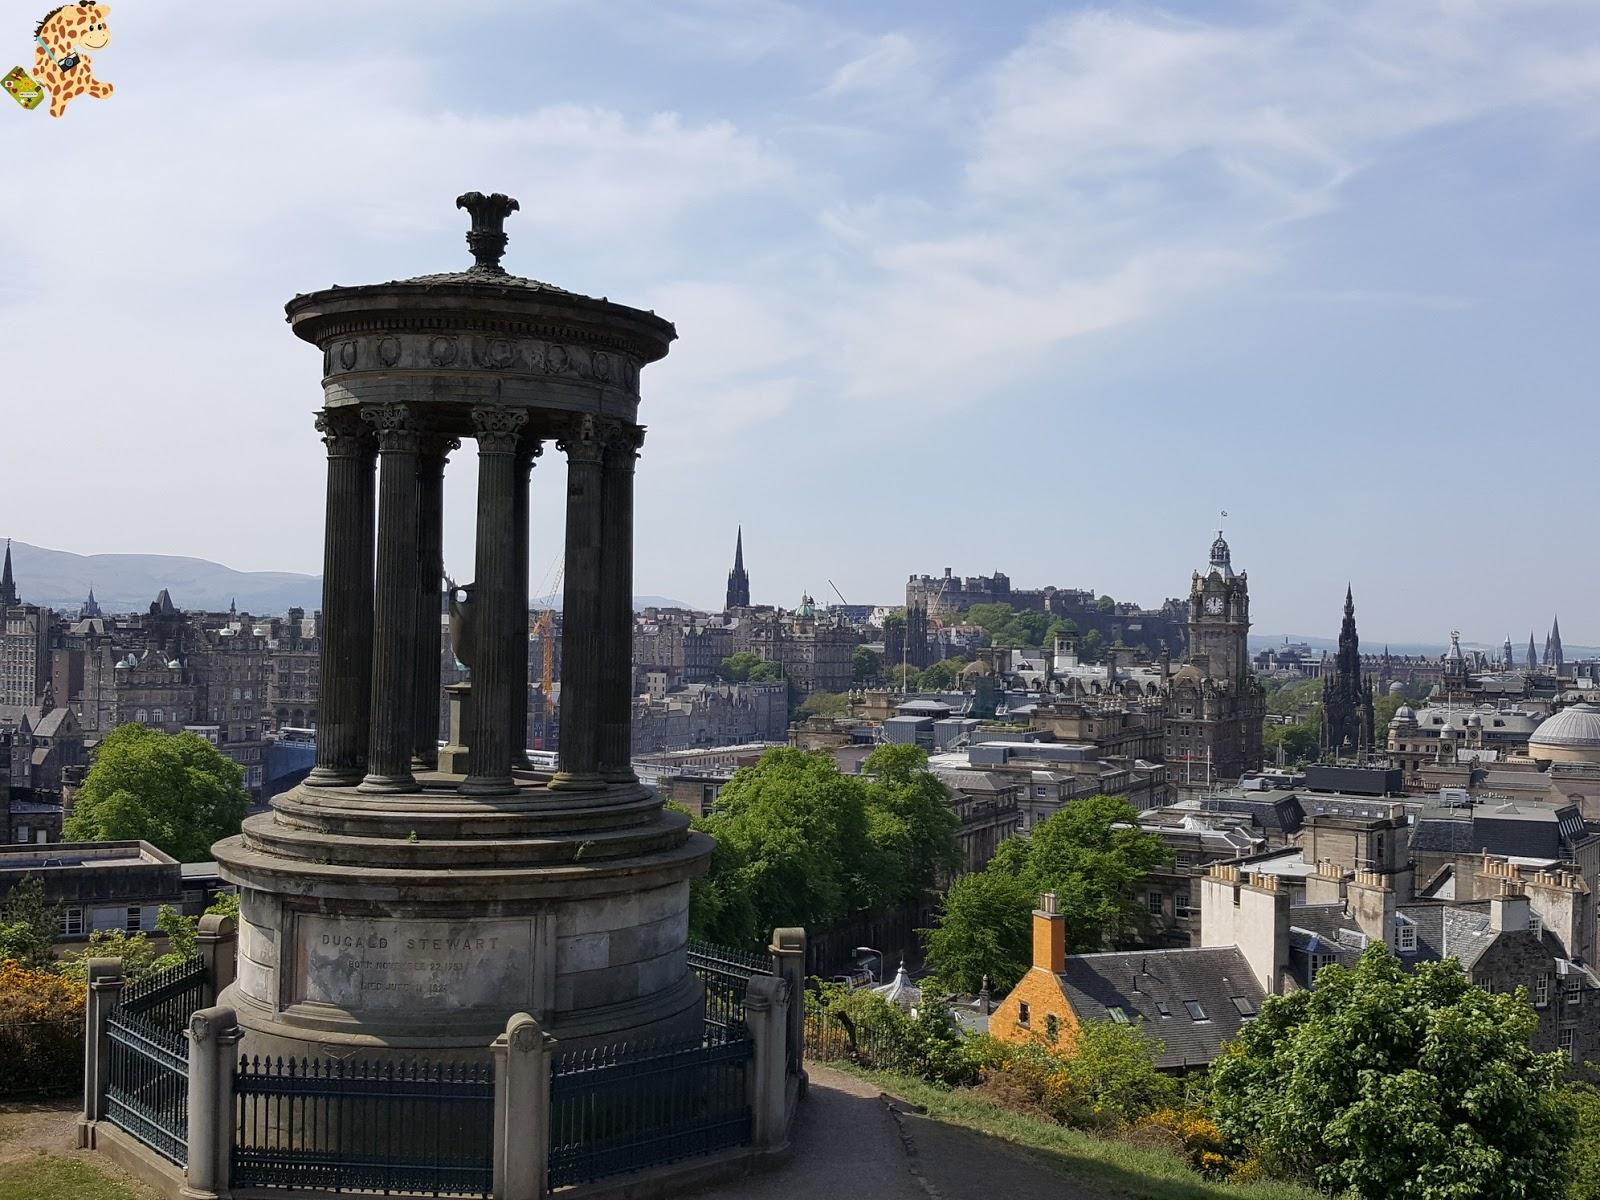 queverenEdimburgoen2dias283329 - Edimburgo: qué ver en 2 días